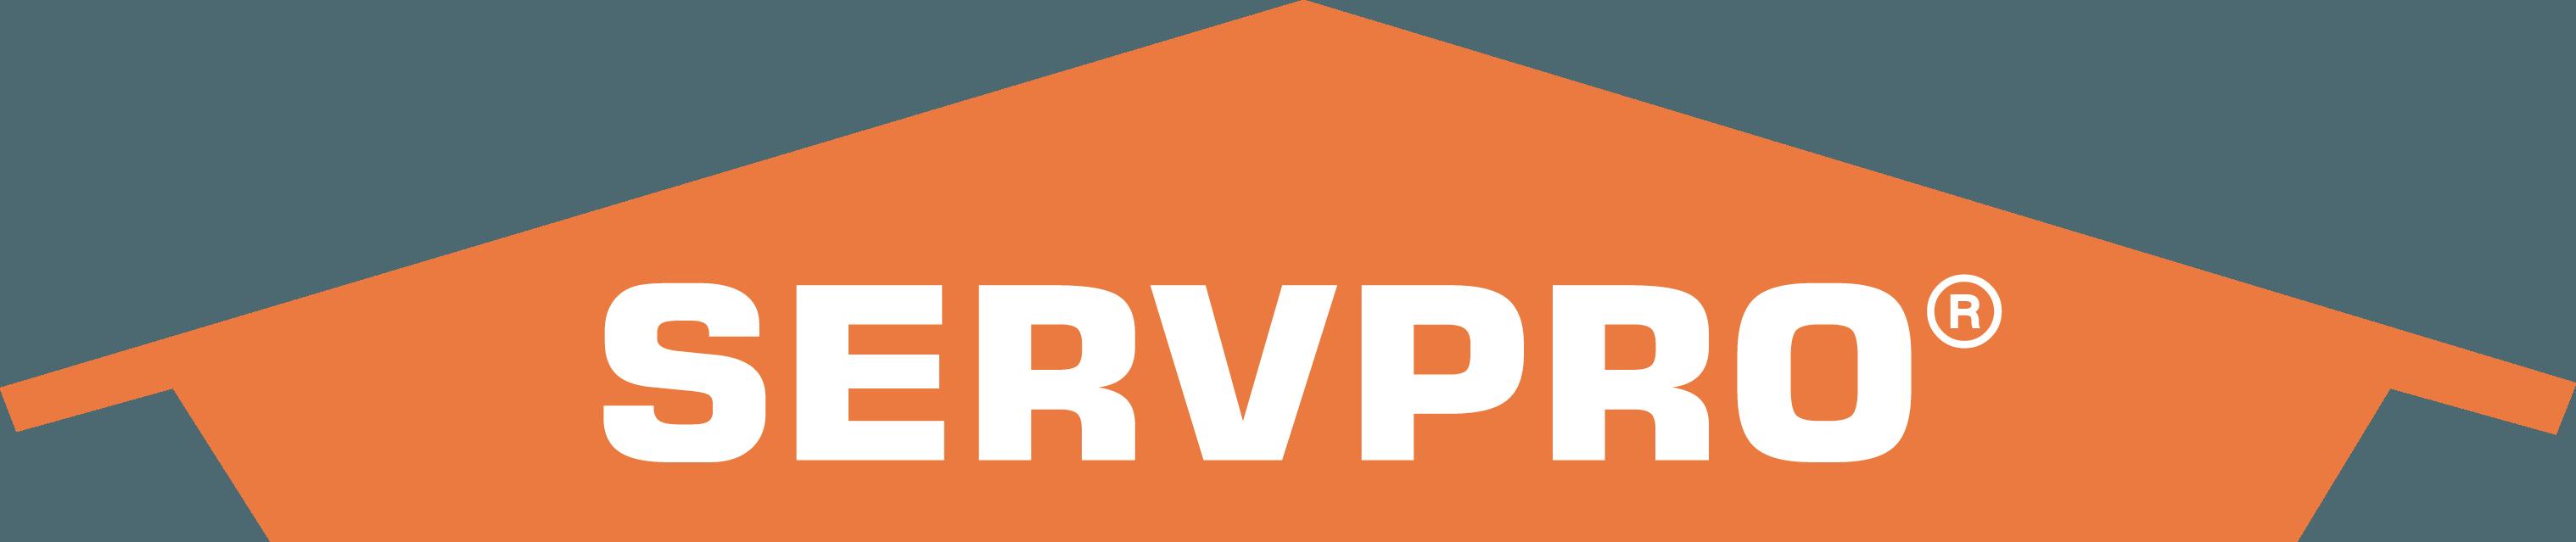 Servpro Logo png